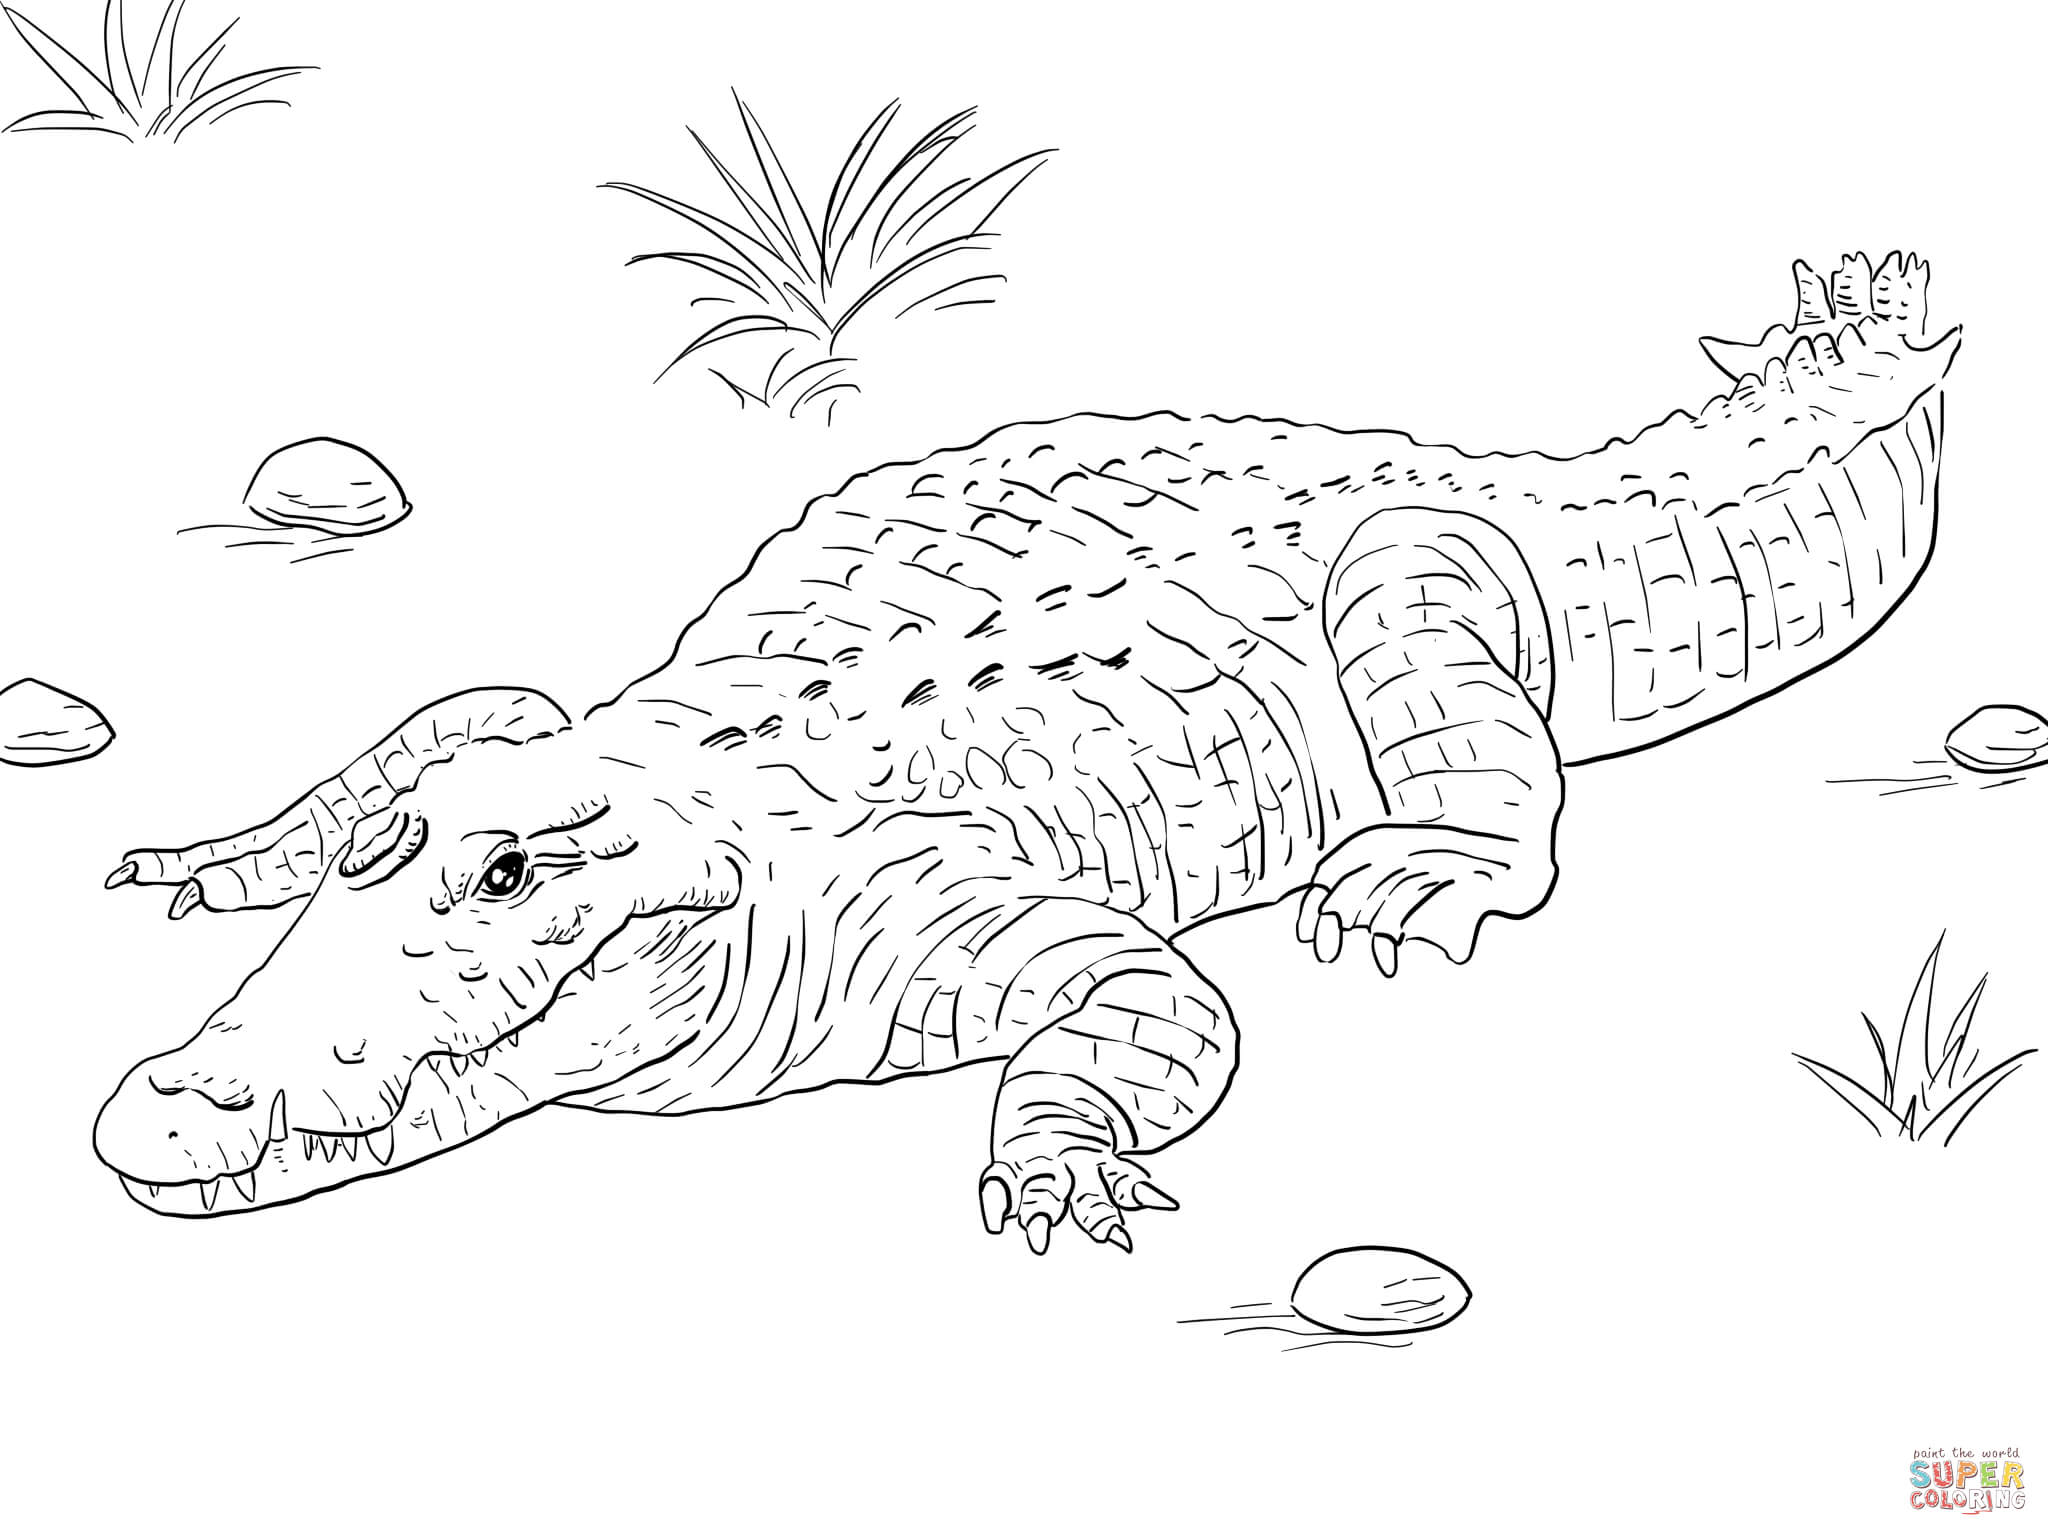 Impressionnant dessin coloriage crocodile - Image crocodile dessin ...